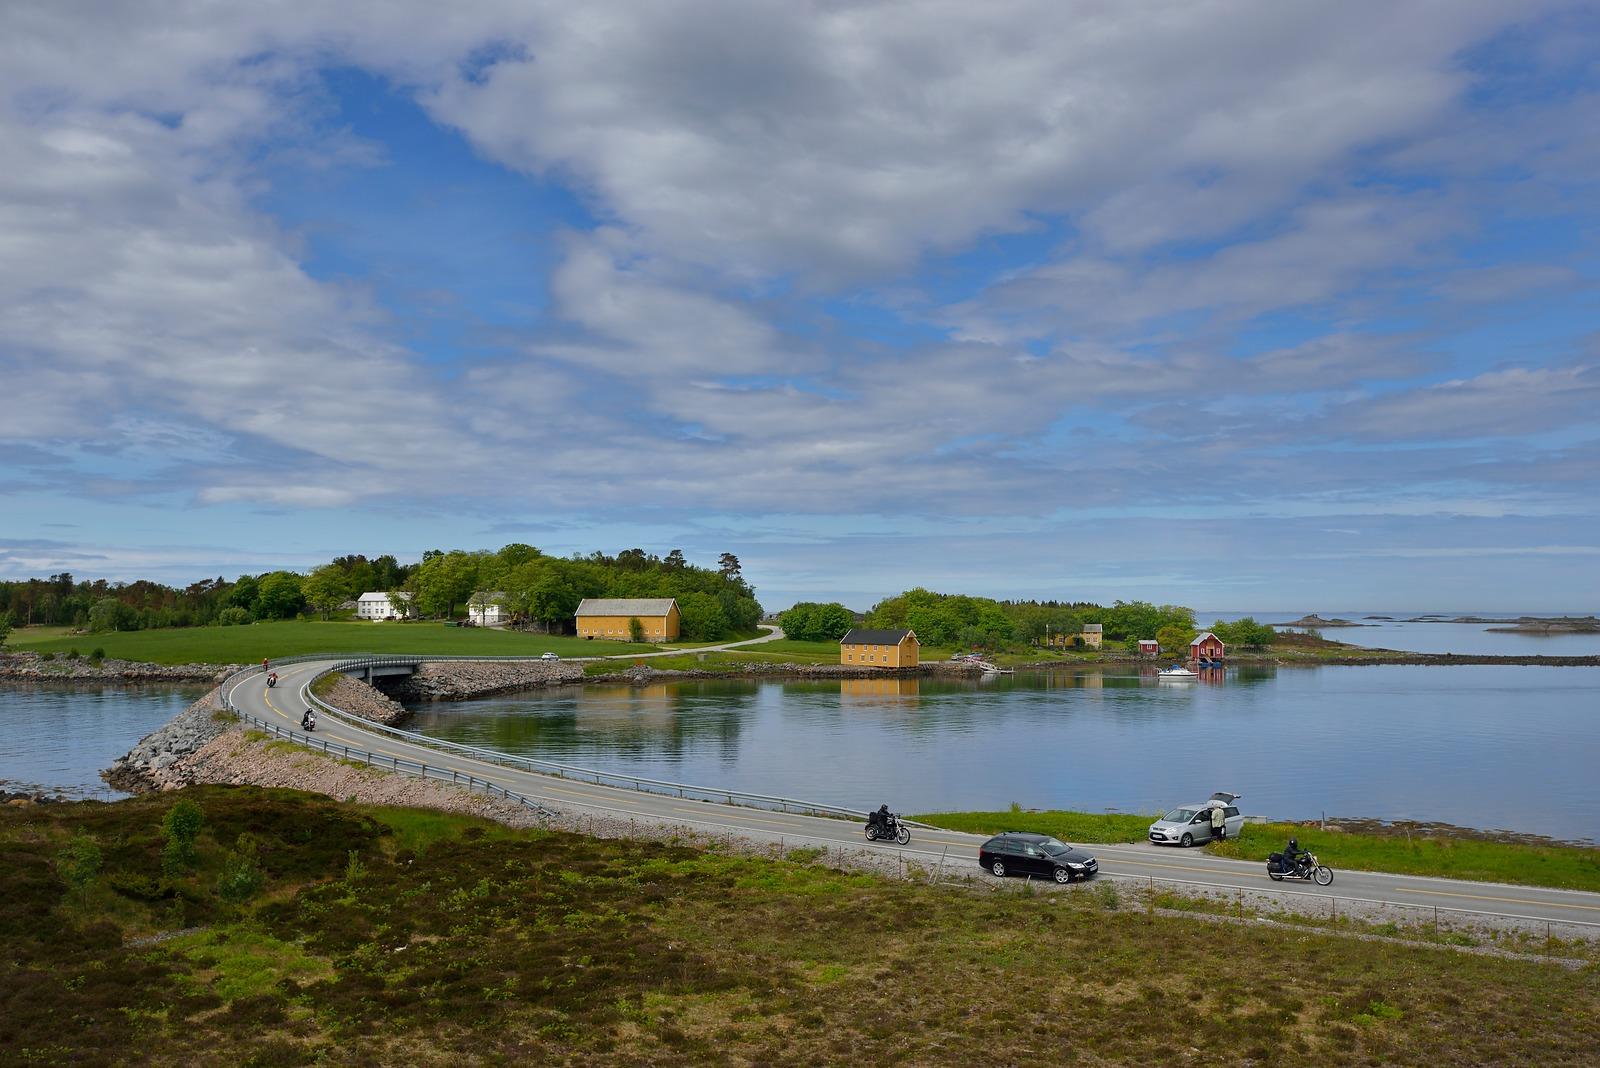 Atlantic Road - Atlanterhavsvegen, June 17th. Photo by Roger Ellingsen, Statens Vegvesen.